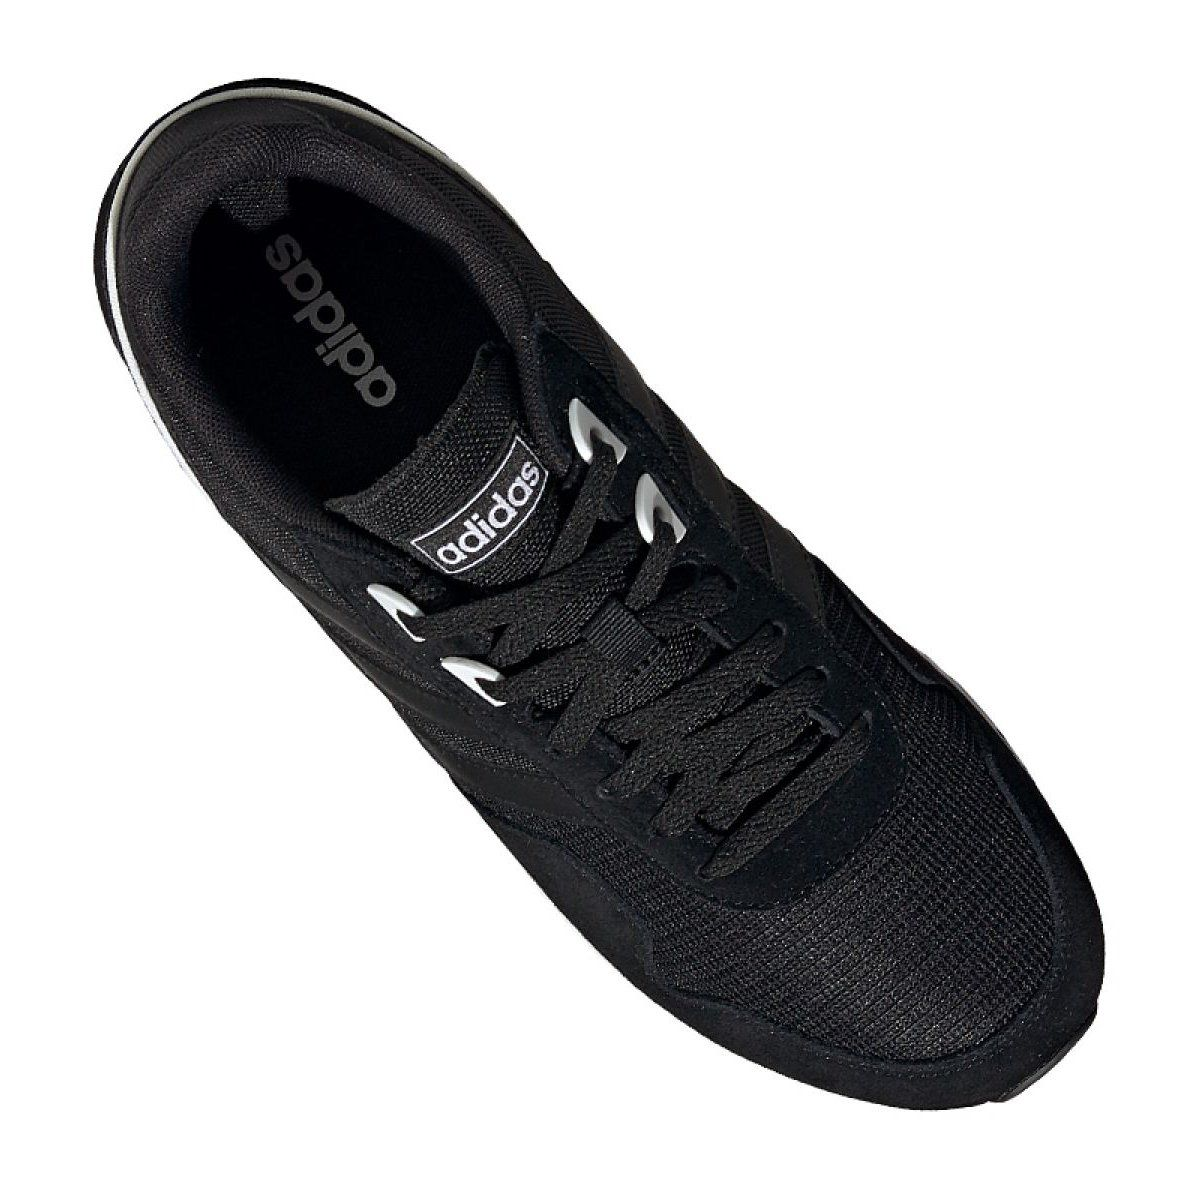 Buty Adidas 8k 2020 M Eh1434 Czarne All Black Sneakers Black Sneaker Keds